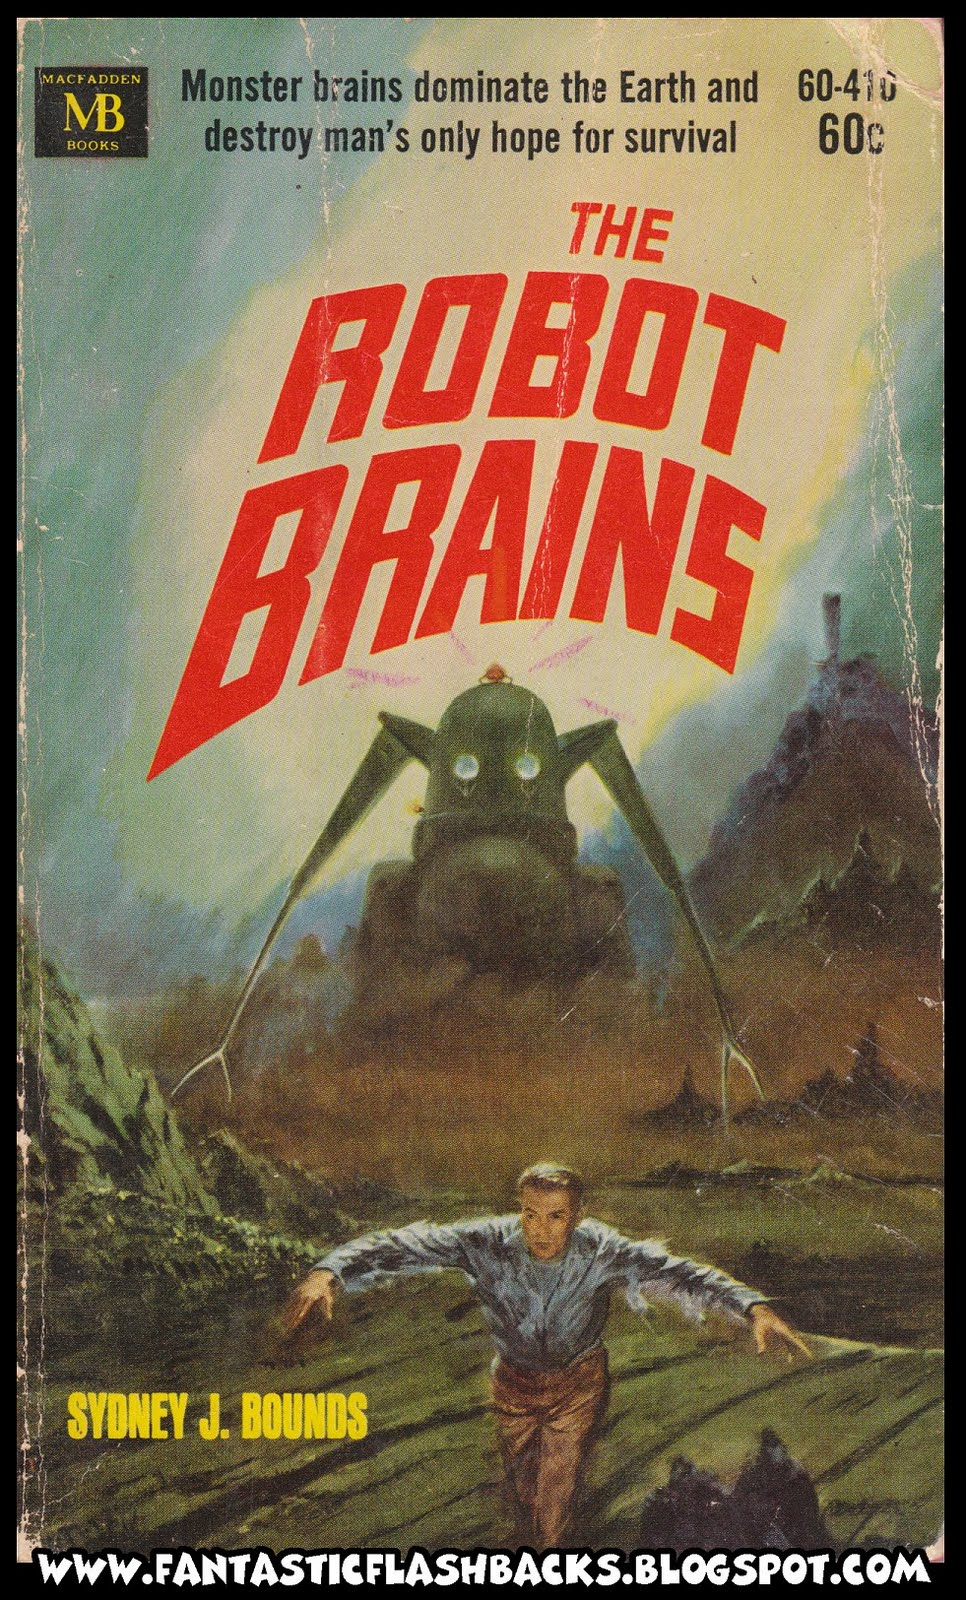 Sci Fi Book Cover Art : Fantastic flashbacks more sci fi book covers